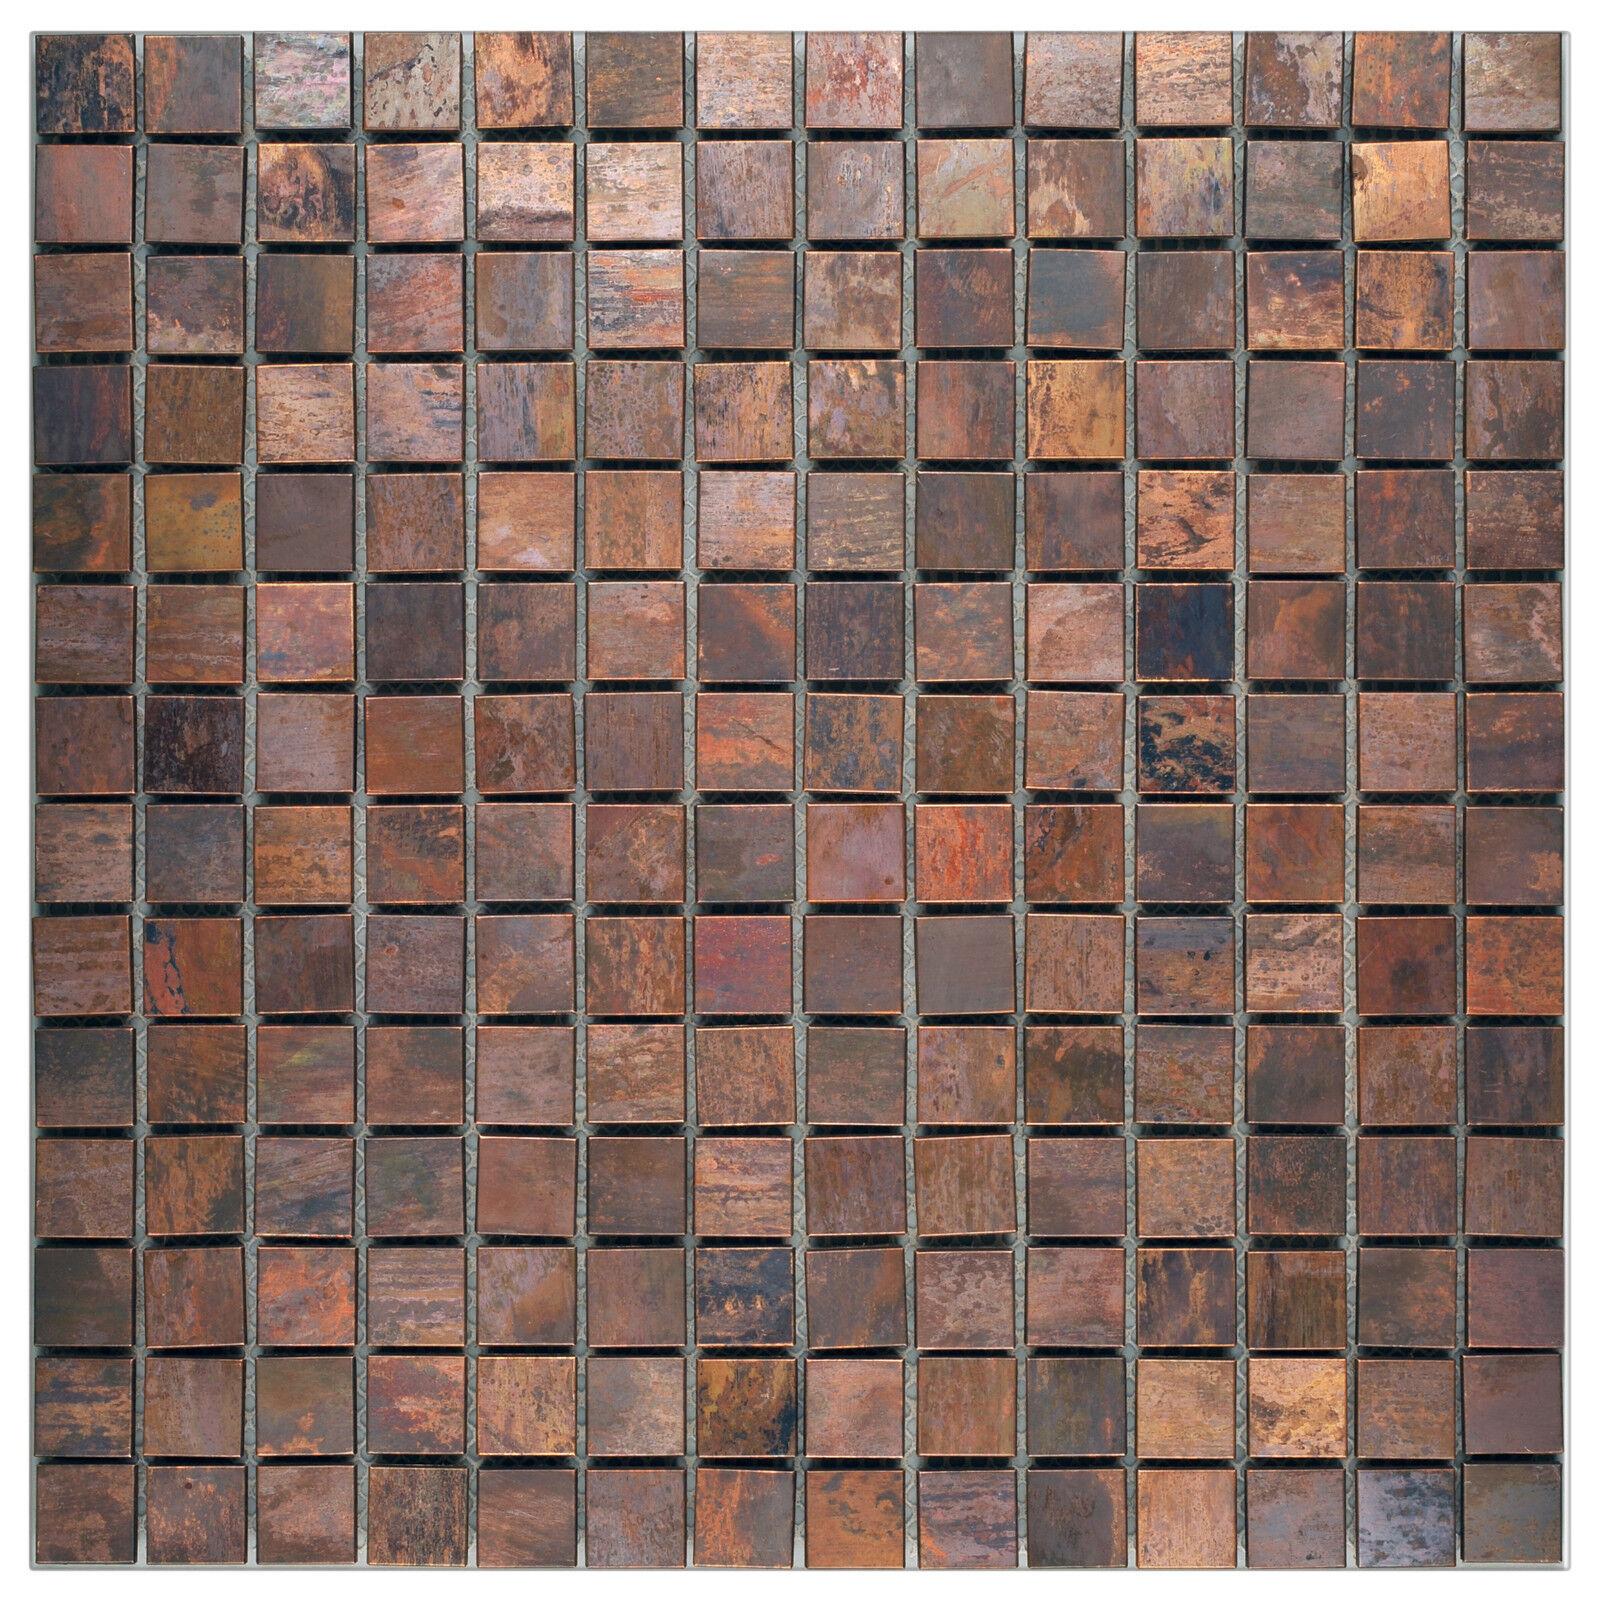 Mosaik Metall Kupfer braun Wand Fliese Küche Fliesenspiegel 10 Matten ES-86481_f